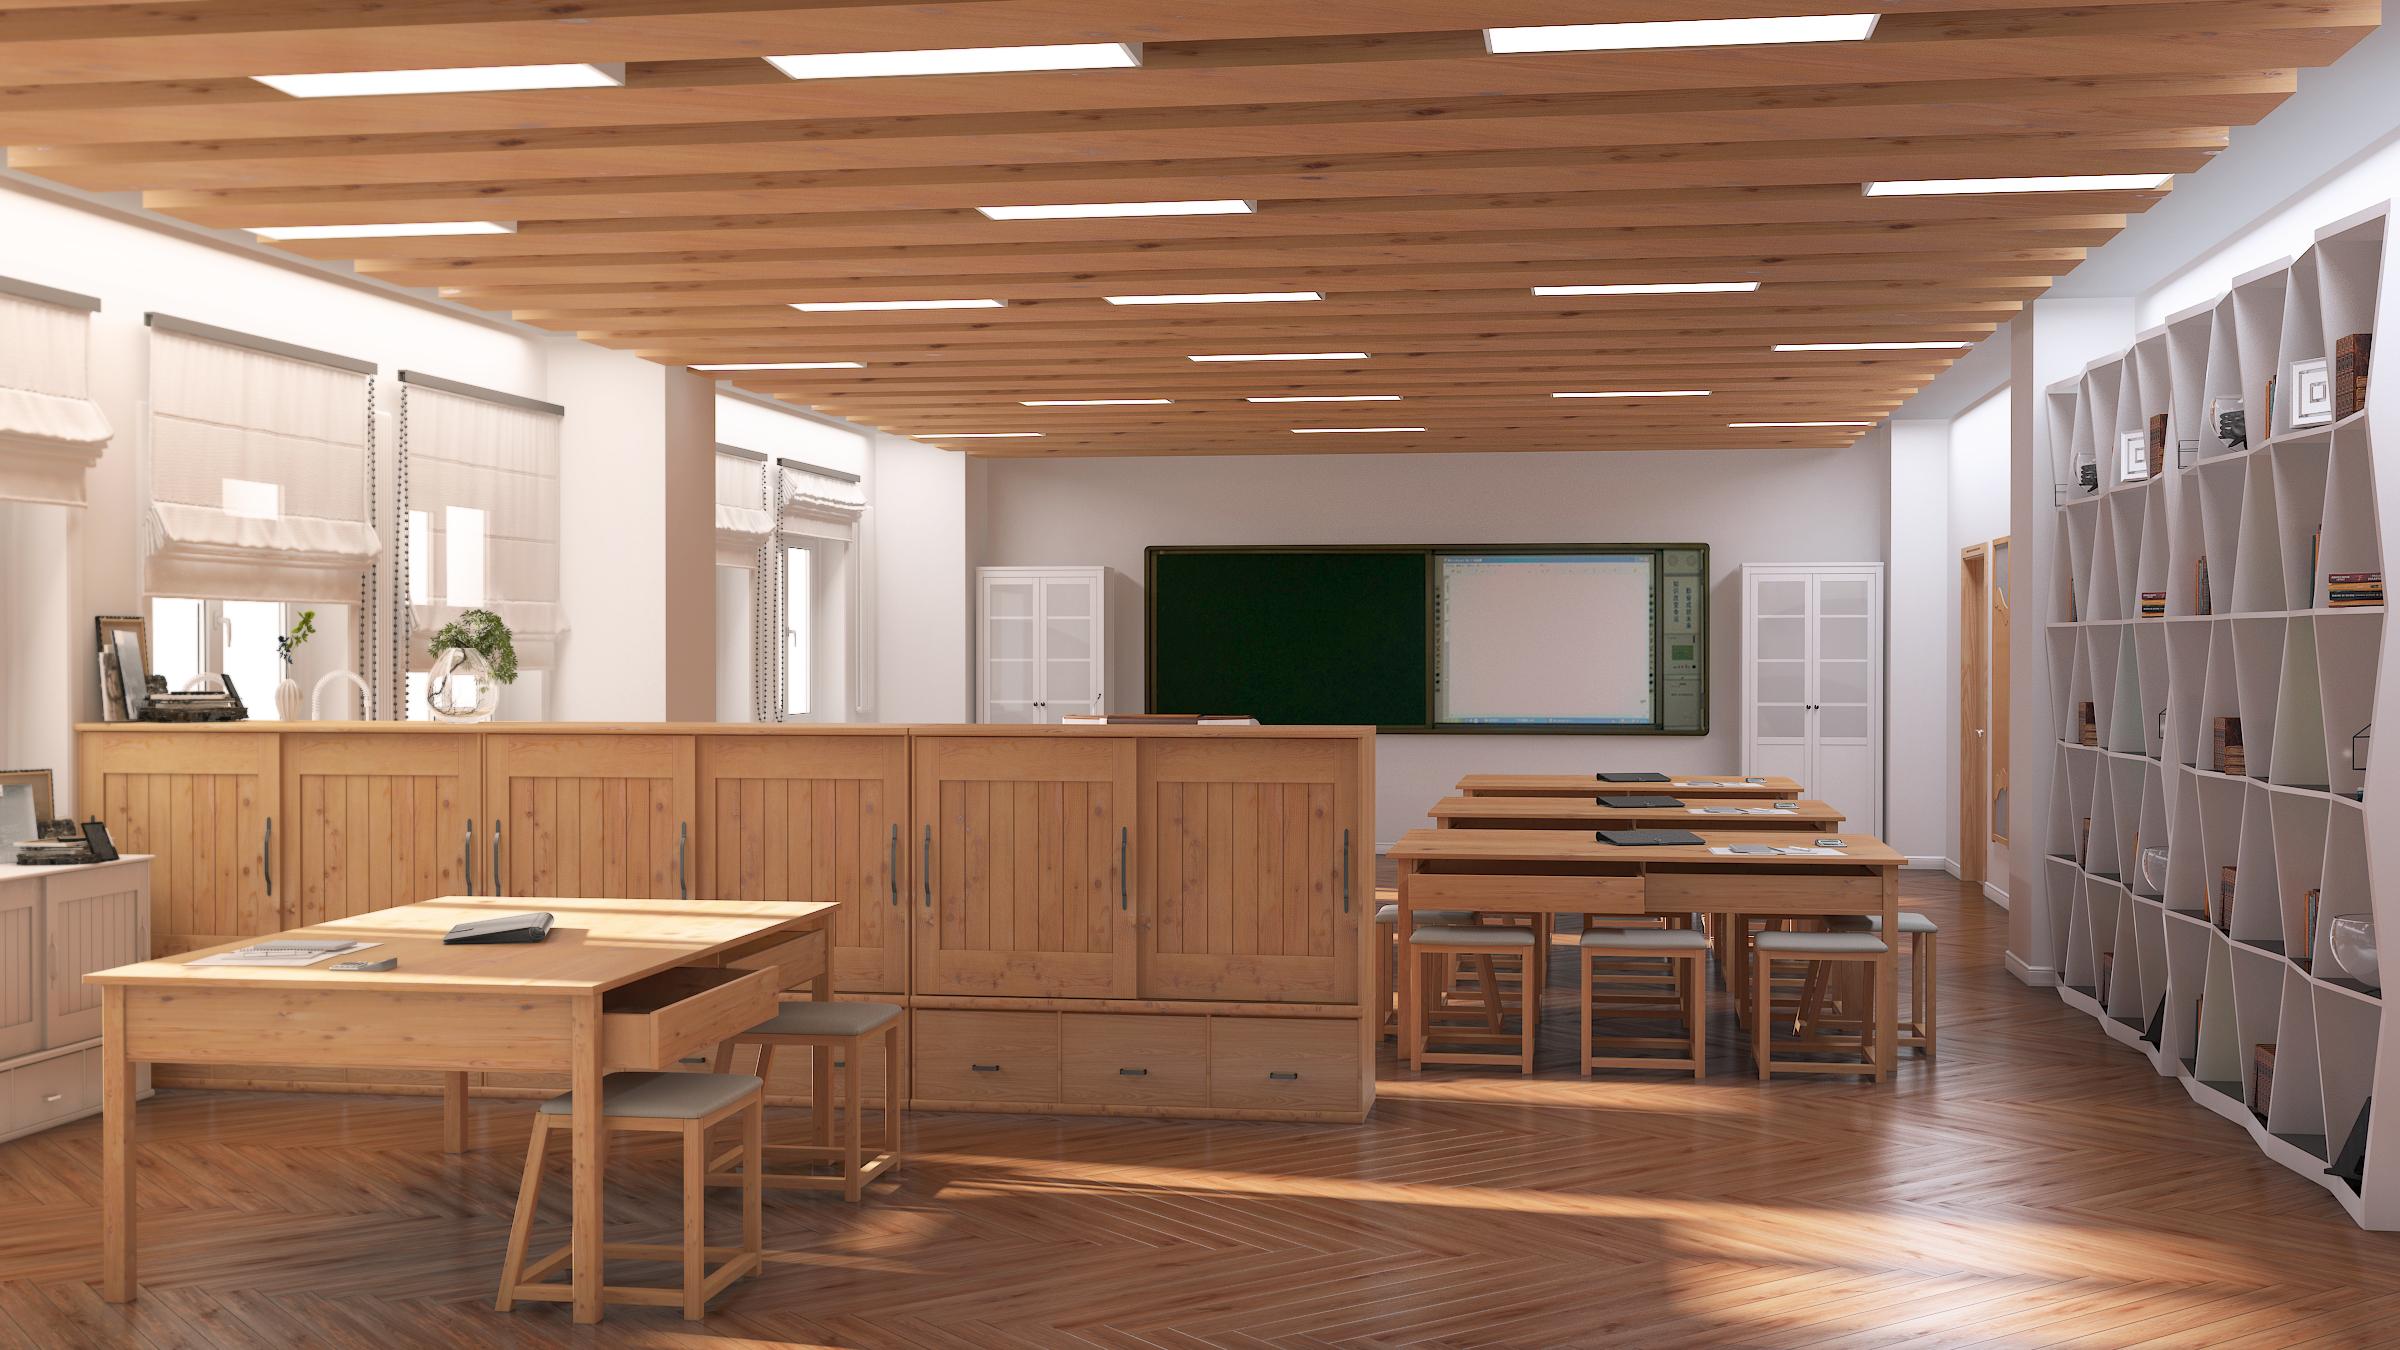 教室总集,|空间|室内设计|斑马_斑马 - 原创作品